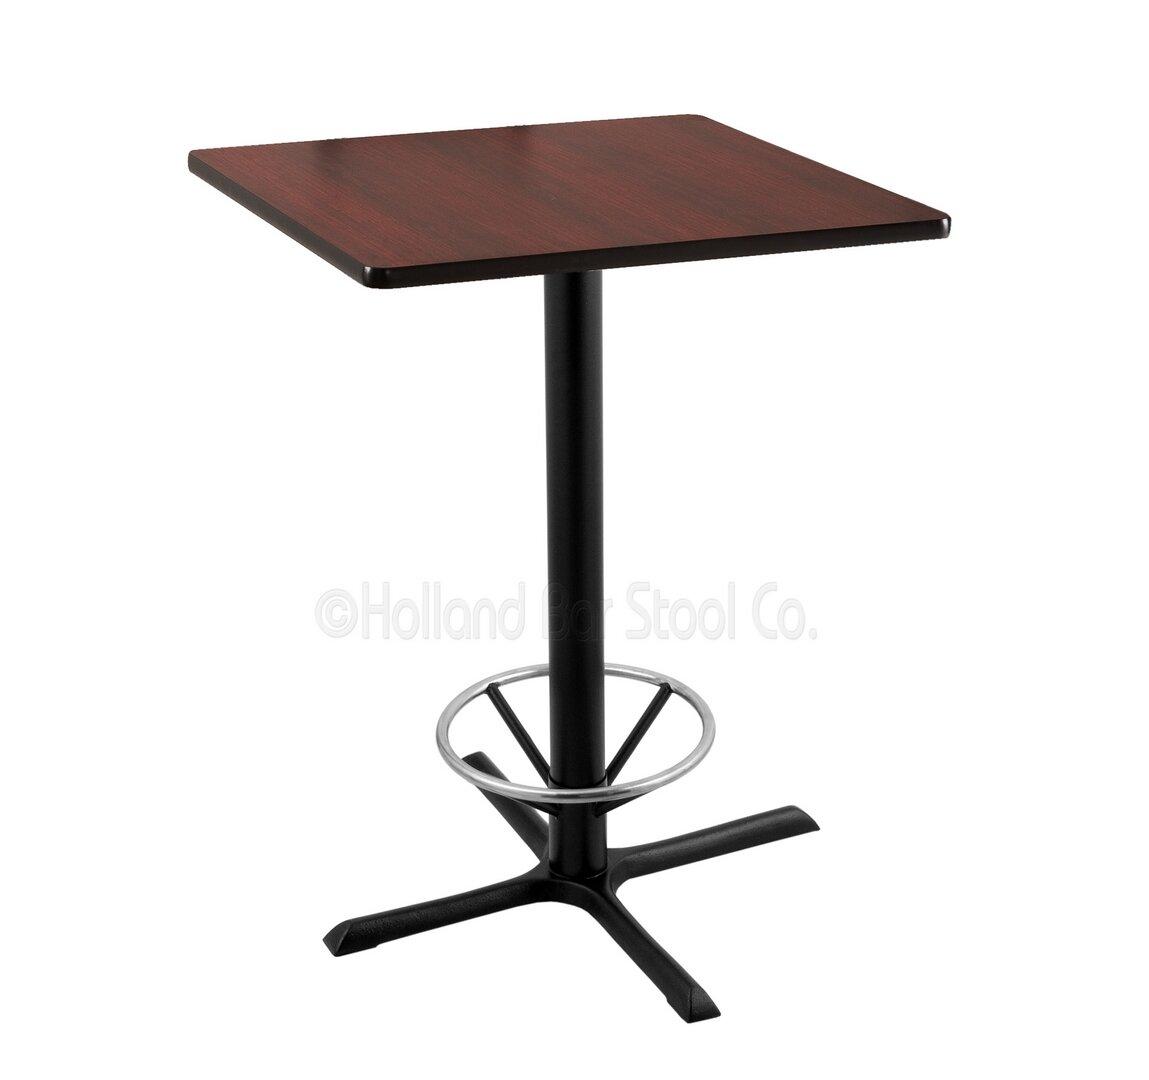 Holland bar stool 36 pub table wayfair for Cie publication 85 table 2